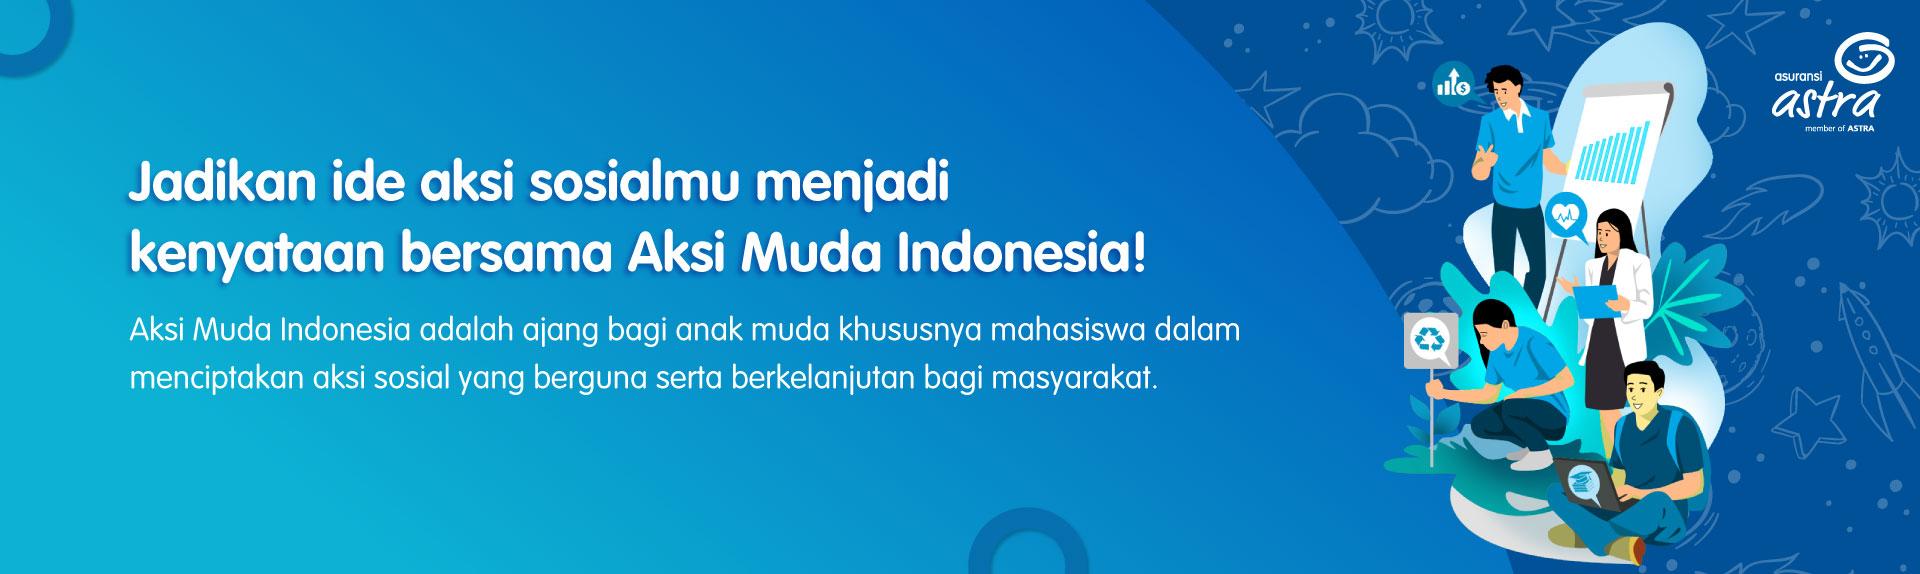 Aksi Muda Indonesia Asuransi Astra